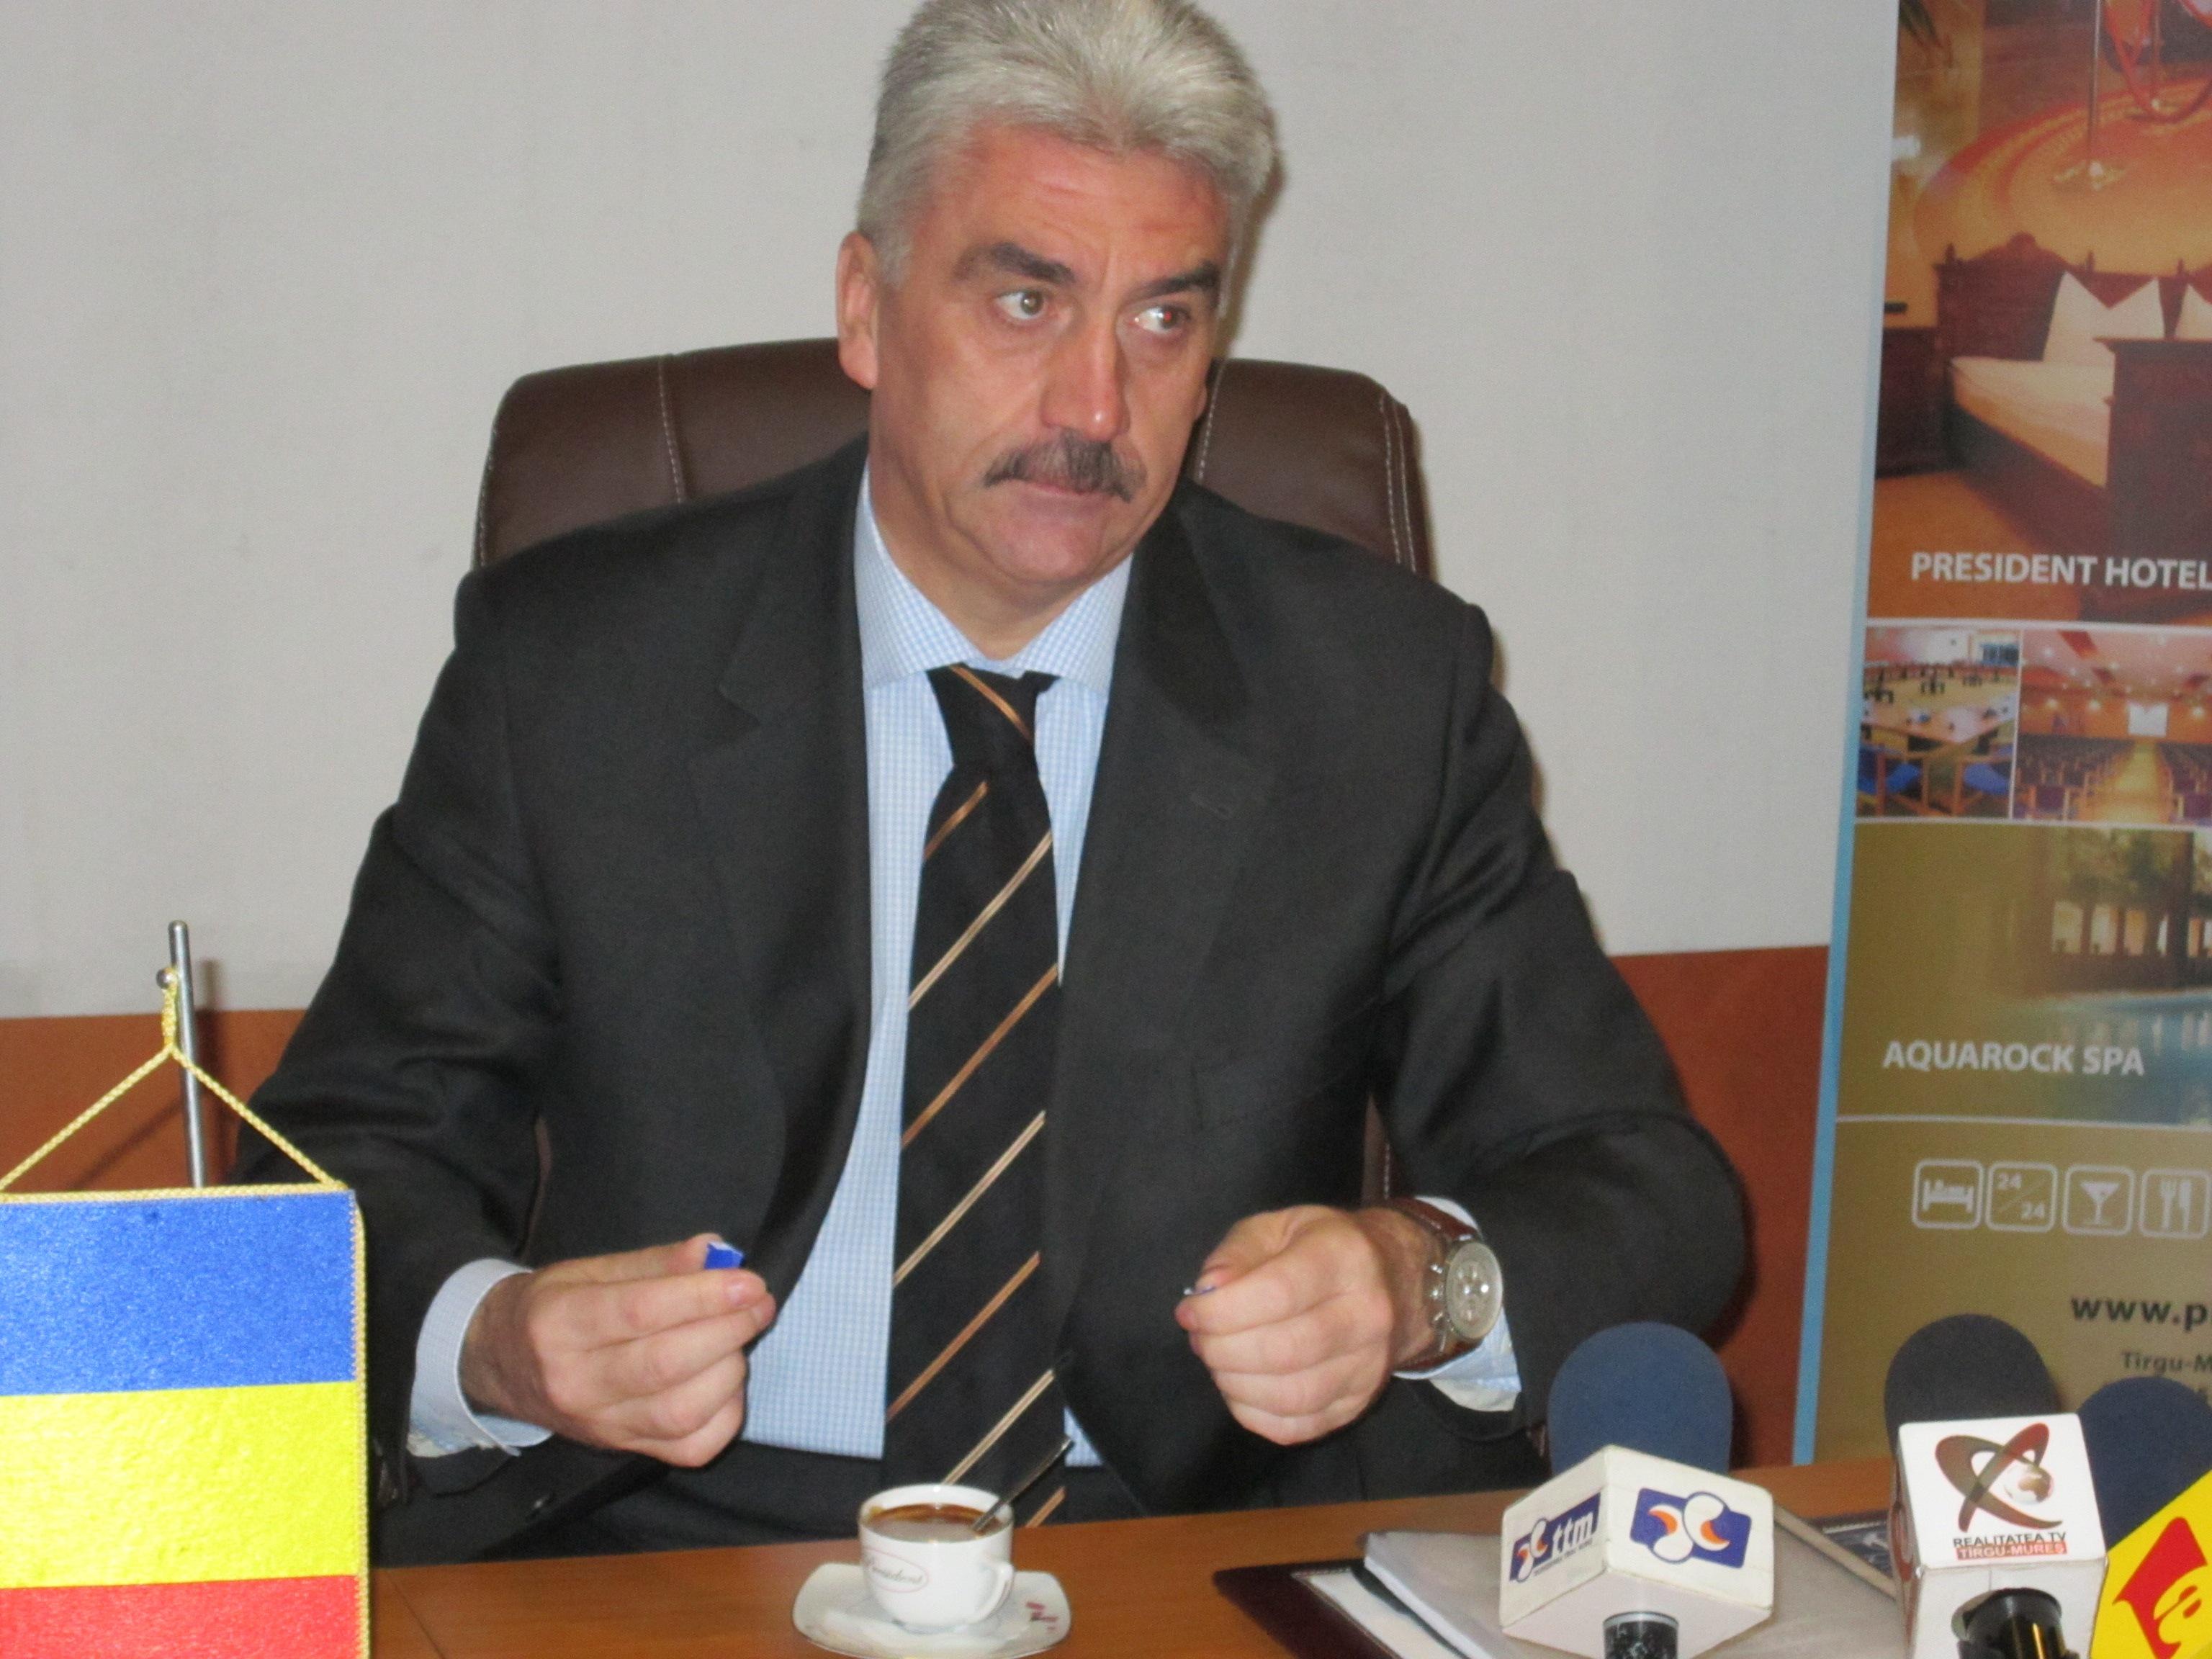 Sorin Ţerbea explică circumstanţele în care s-a produs arestarea sa, în prima conferinţă de presă de după eliberarea din arest.